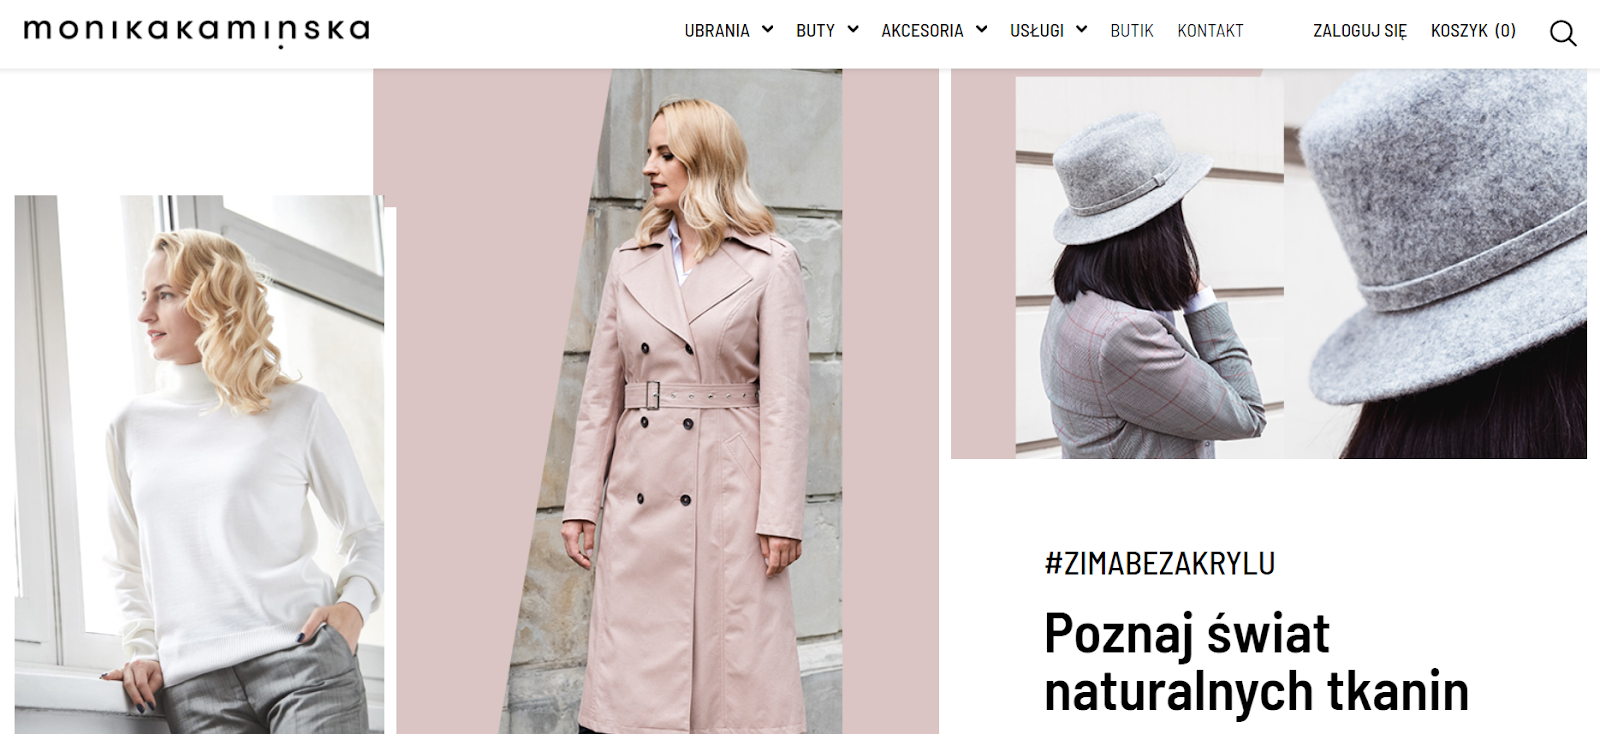 Gdzie kupić wełniany płaszcz, sweter i czapkę - przegląd sieciówek i polskich marek